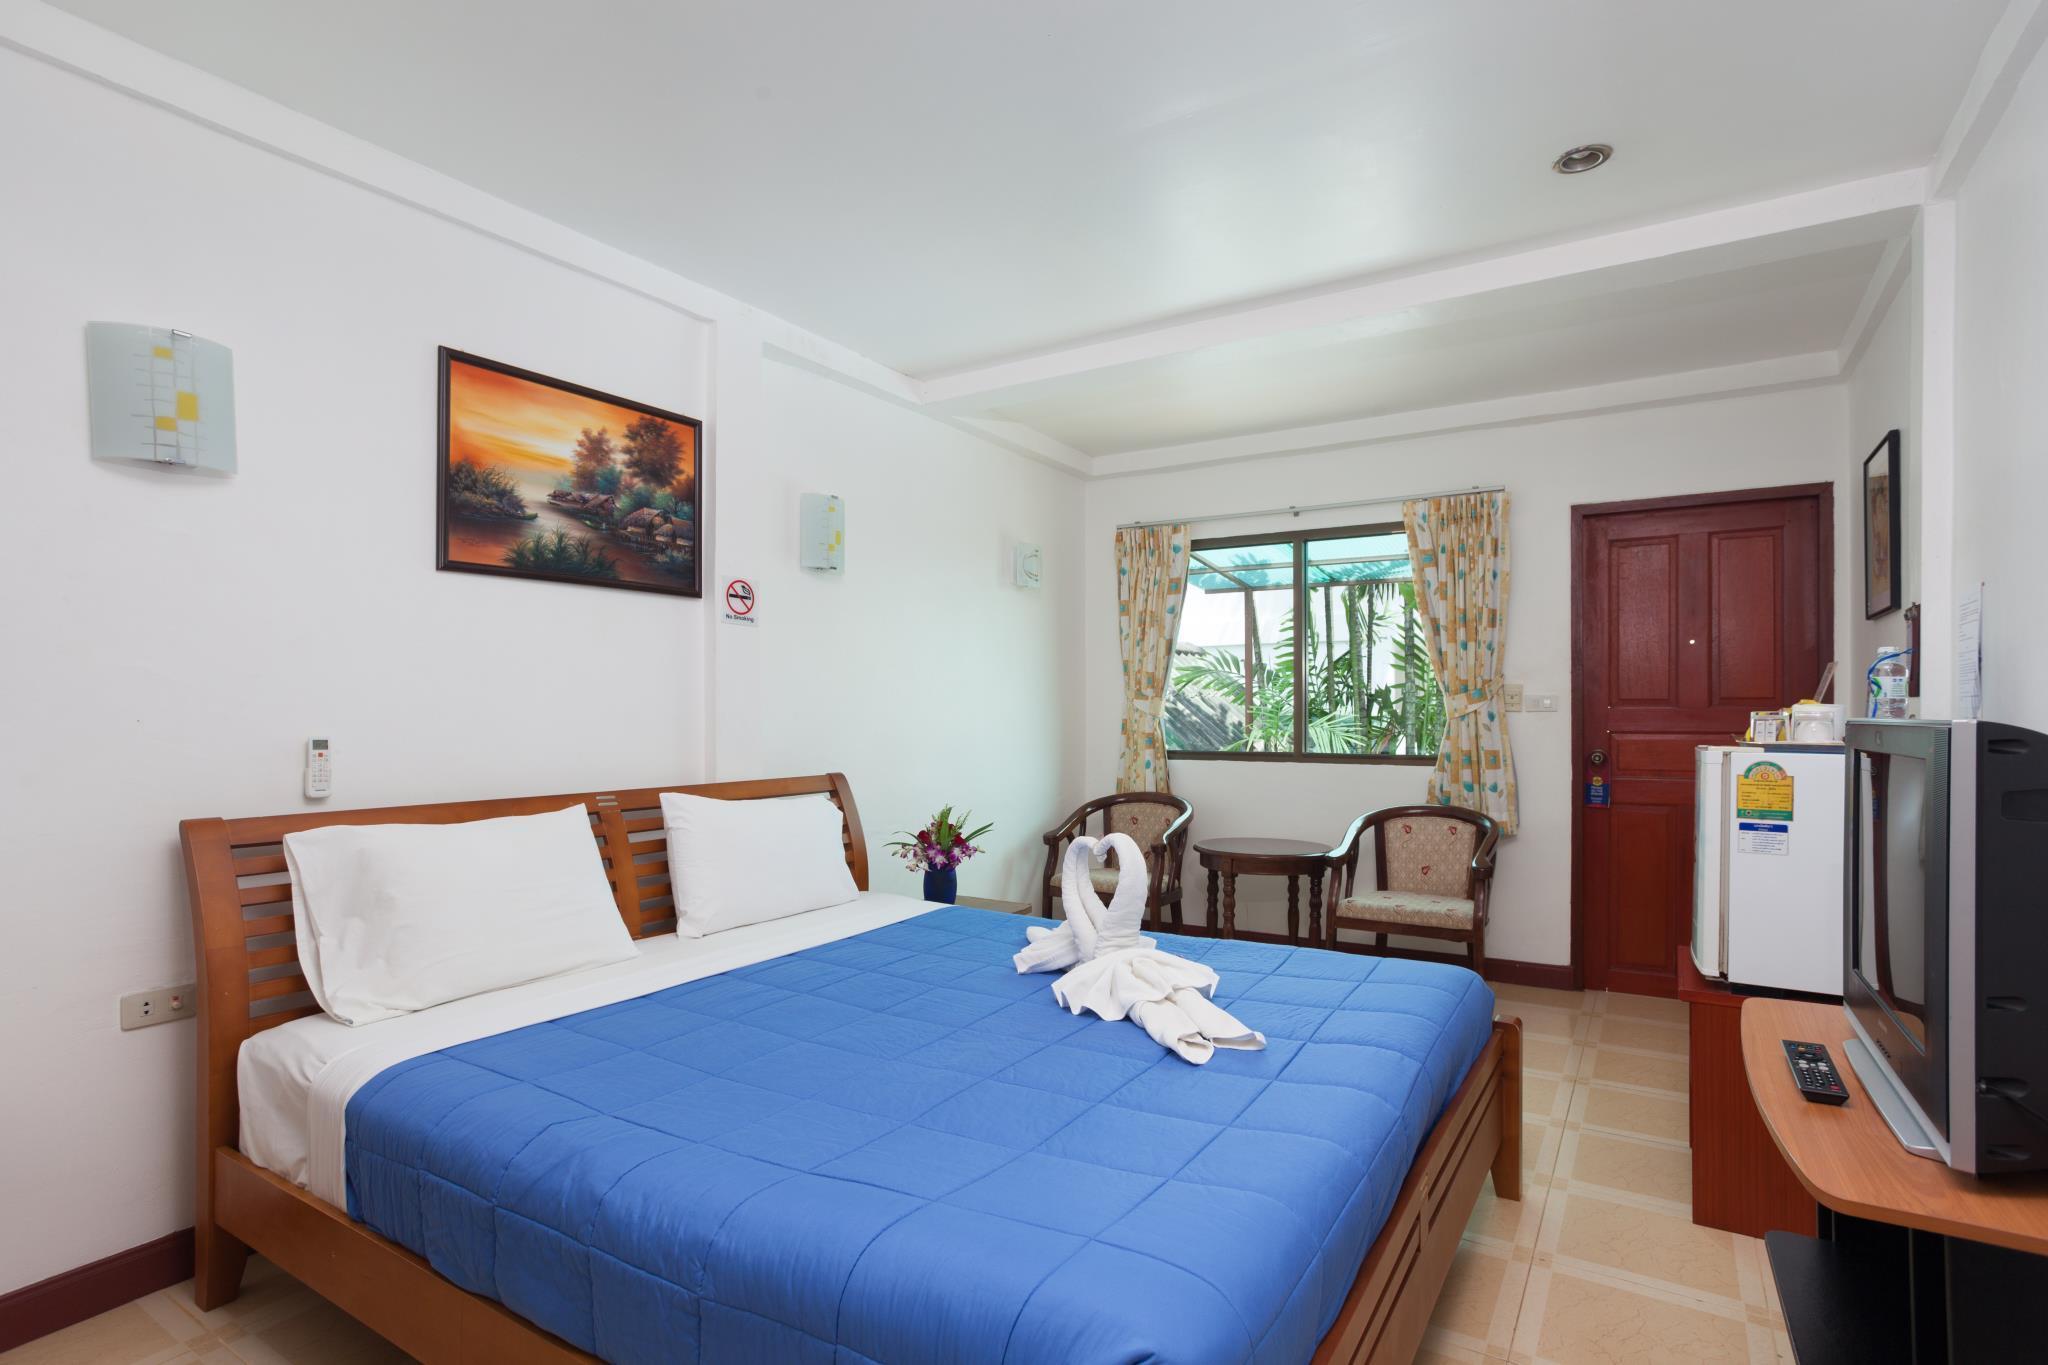 The Expat Hotel, Pulau Phuket